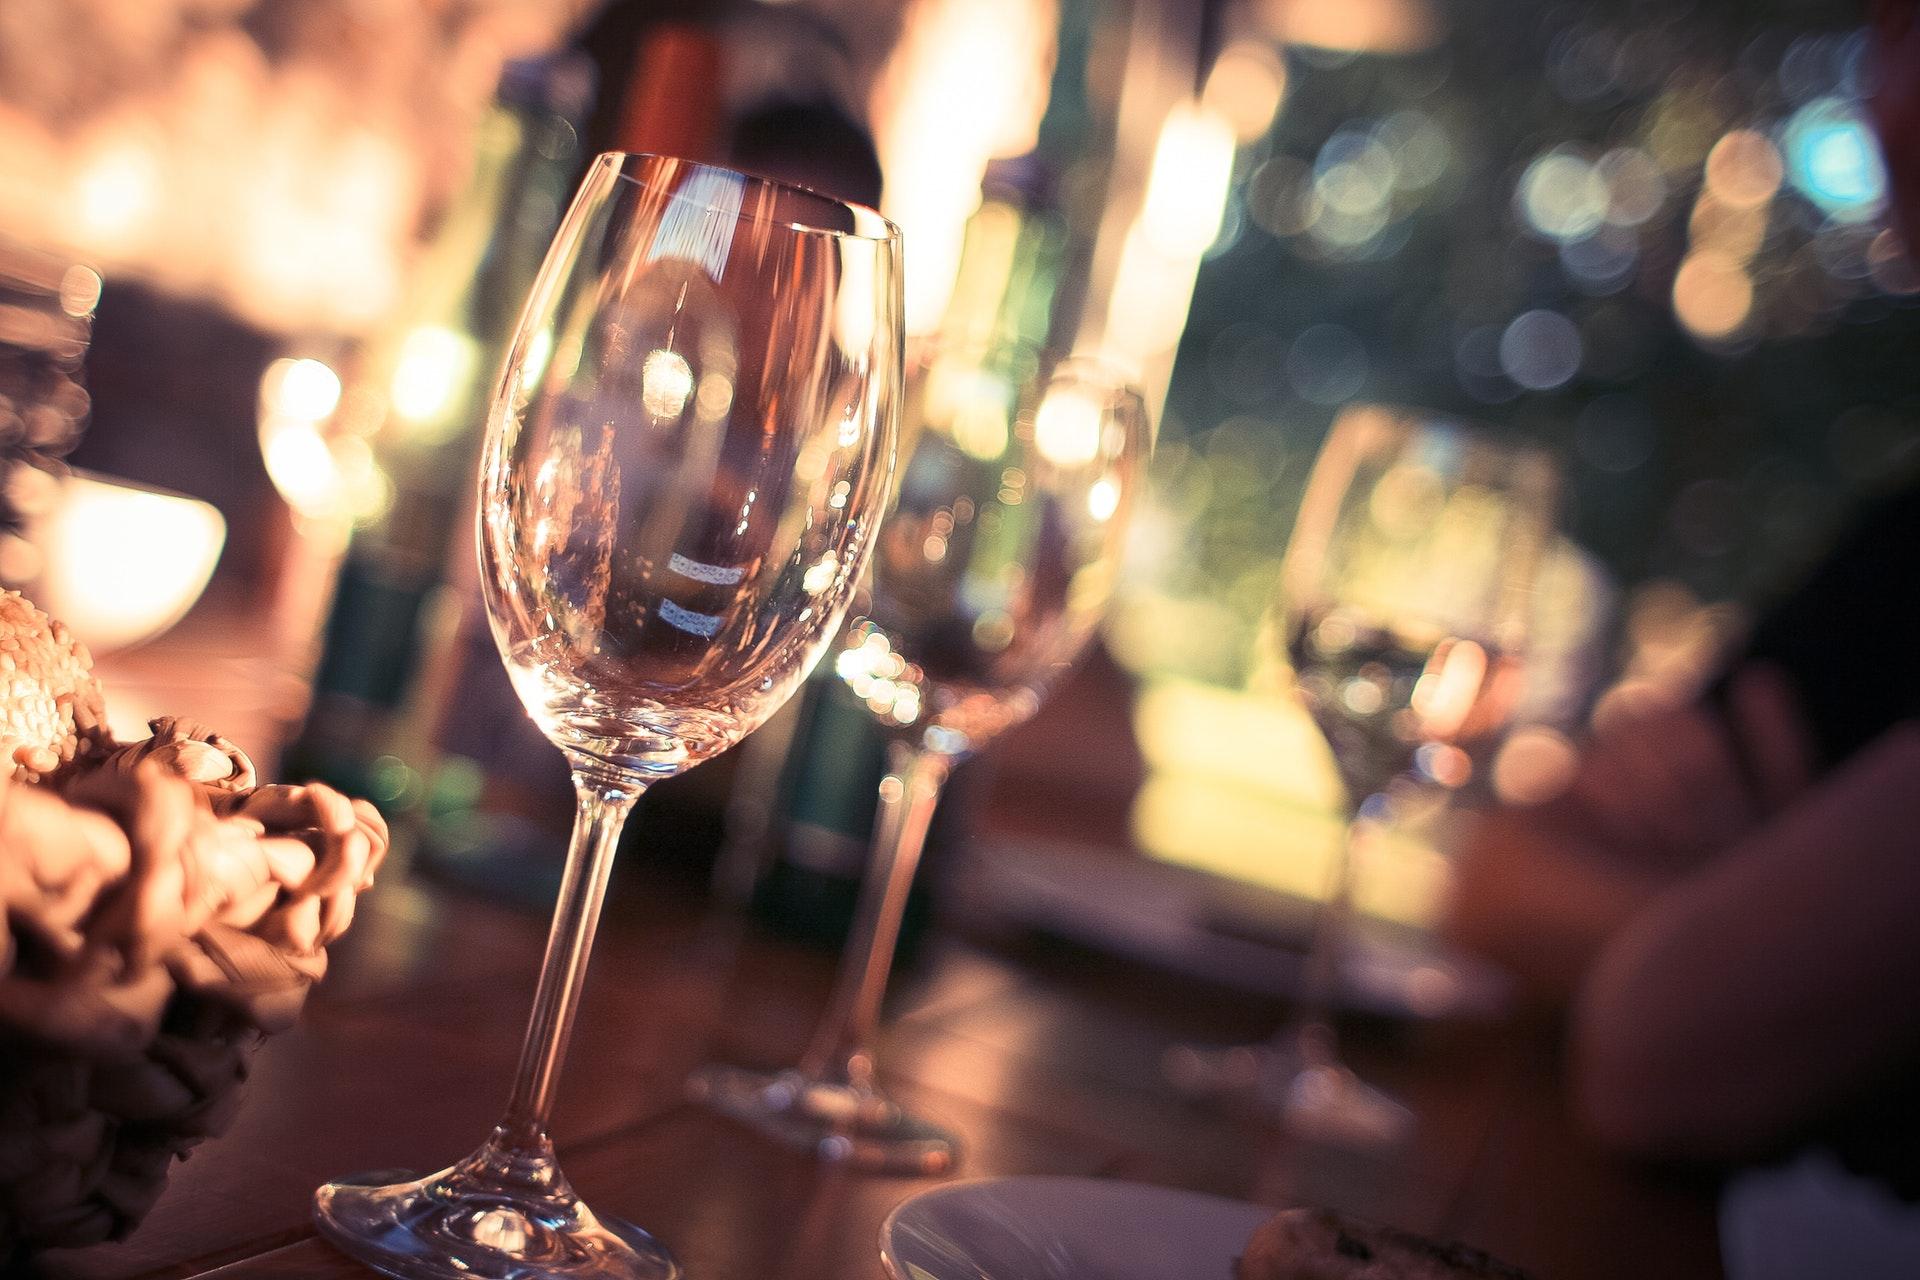 glas, vin, vinglas, efterår, hygge, drink, drinks, i byen, gin-punch